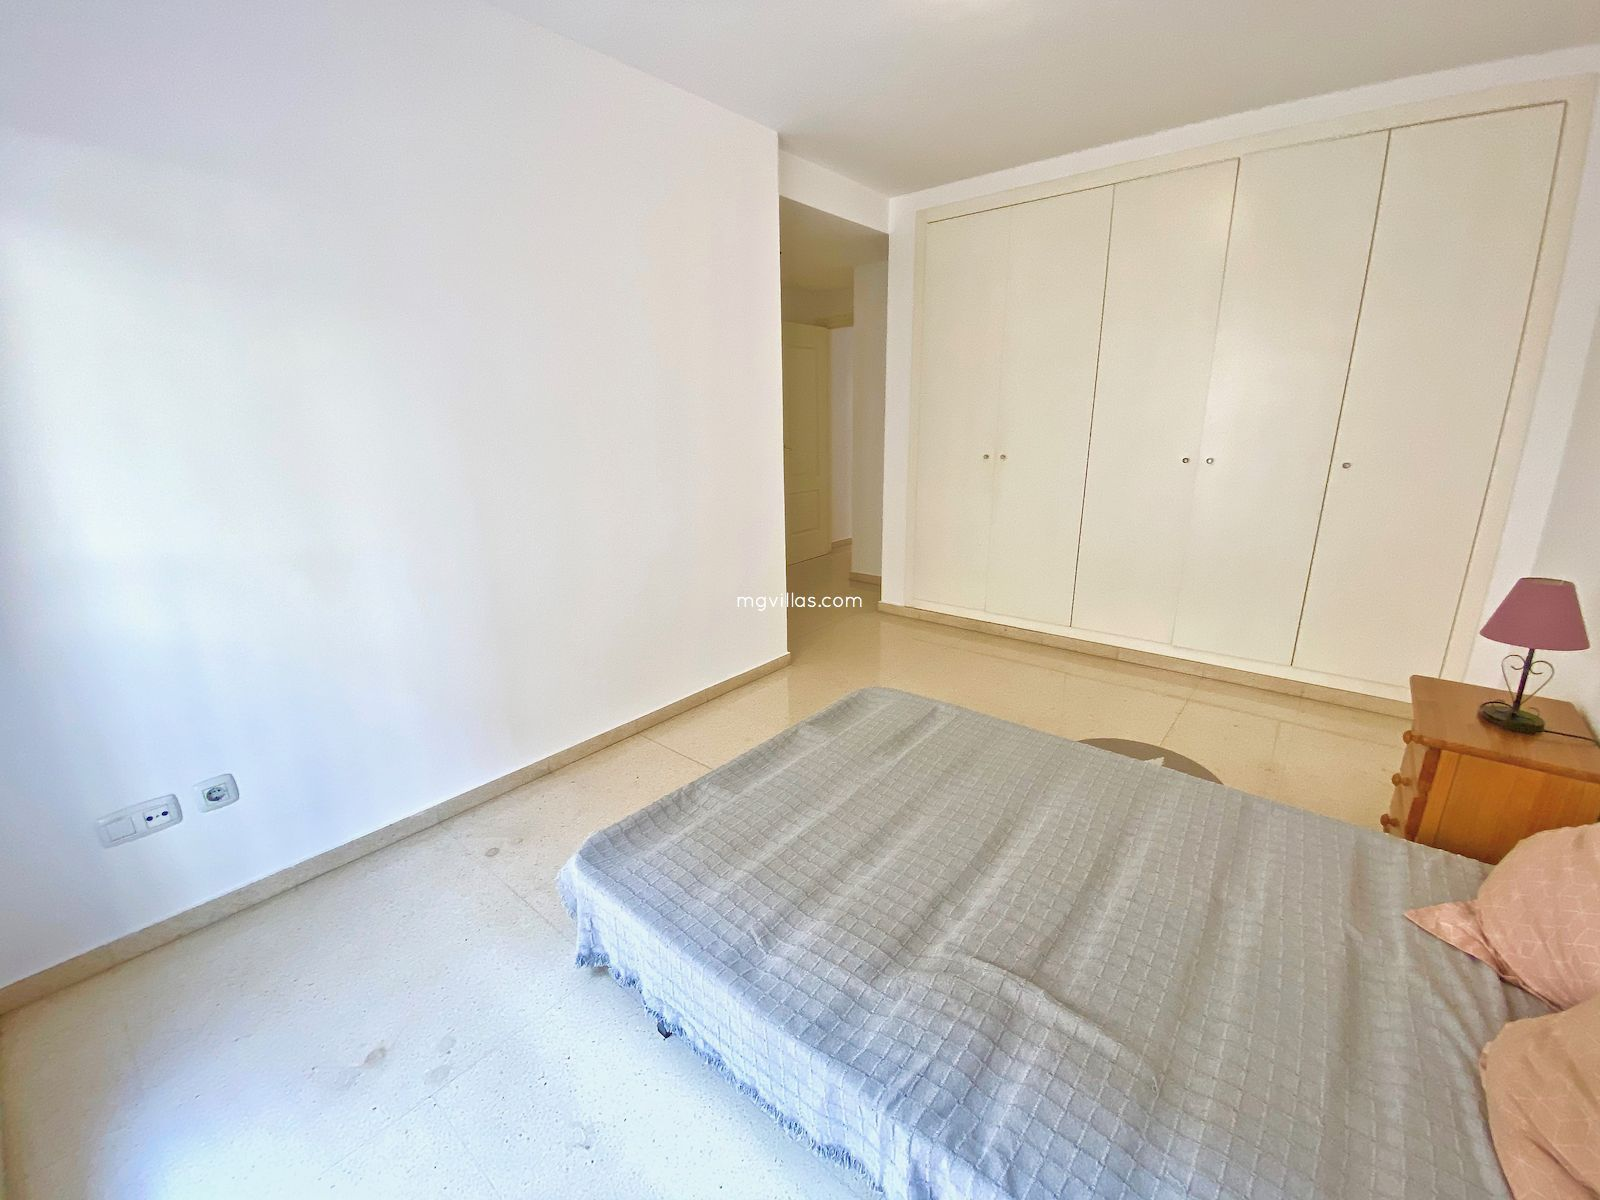 Apartamento de 3 habitaciones a la venta en Javea - Costa Blanca